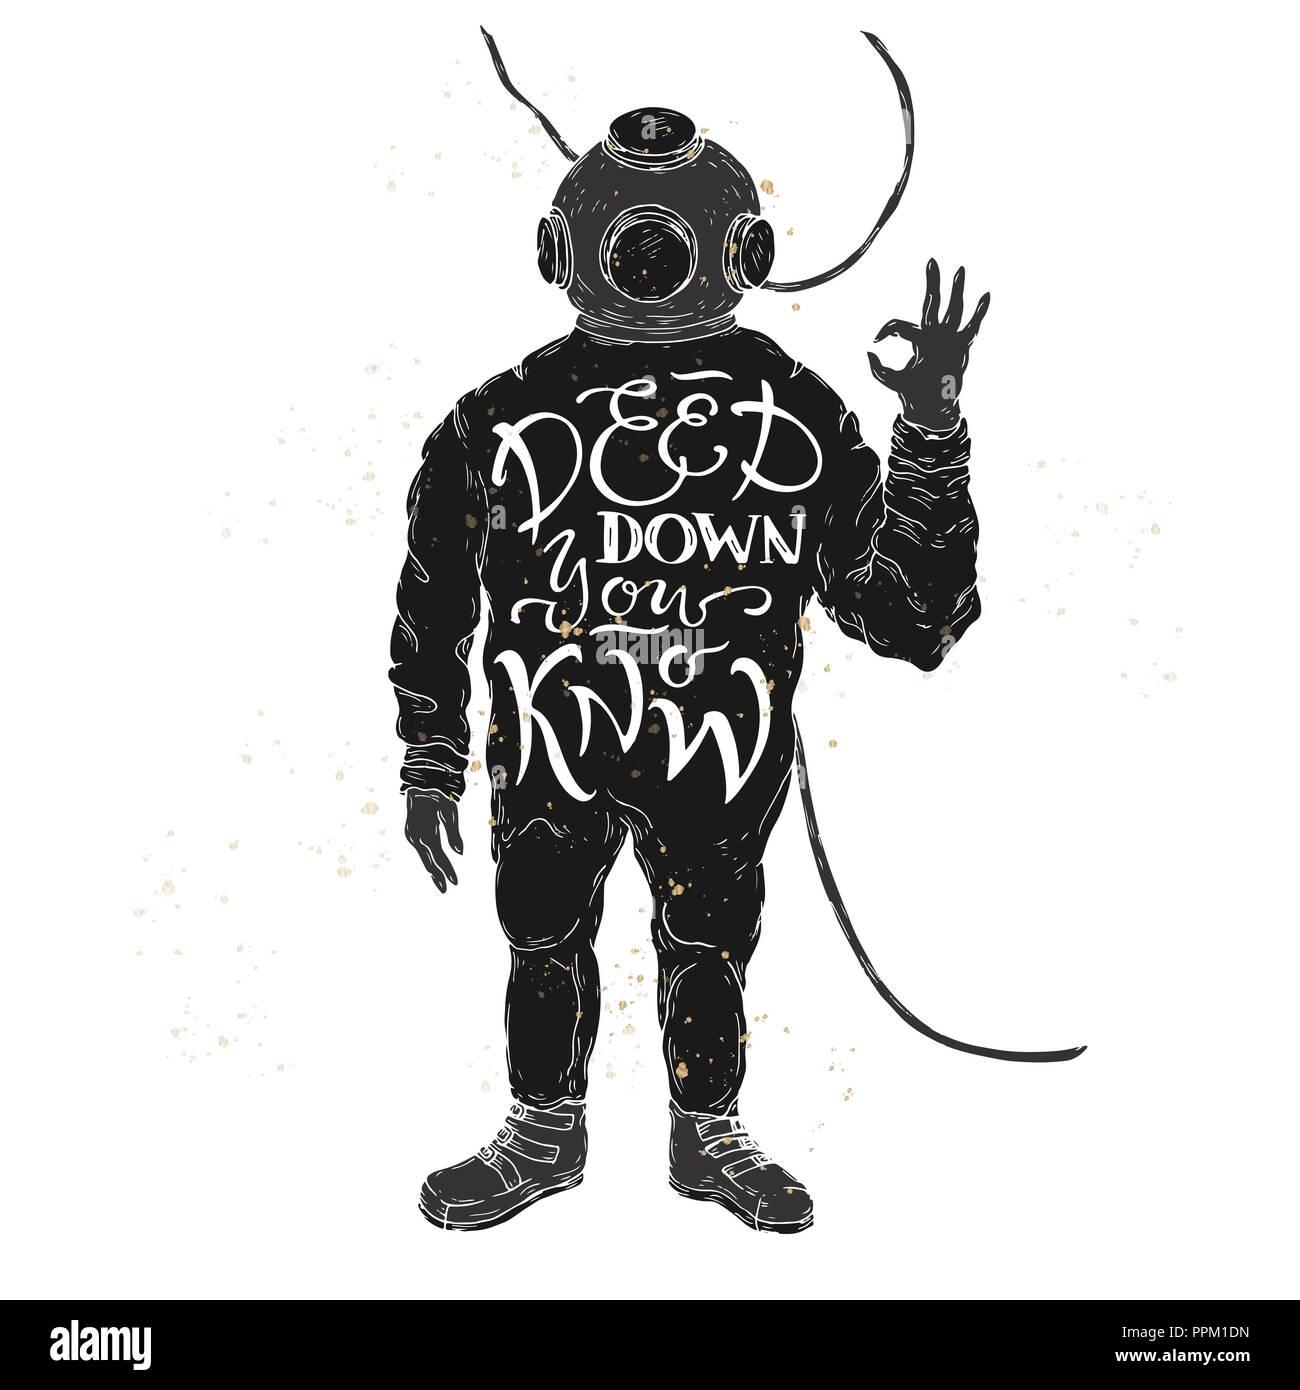 Spazzola ispirazione lettering citazione collocato in una forma di un subacqueo che mostra OK e dicendo Deep down sapete. Immagini Stock